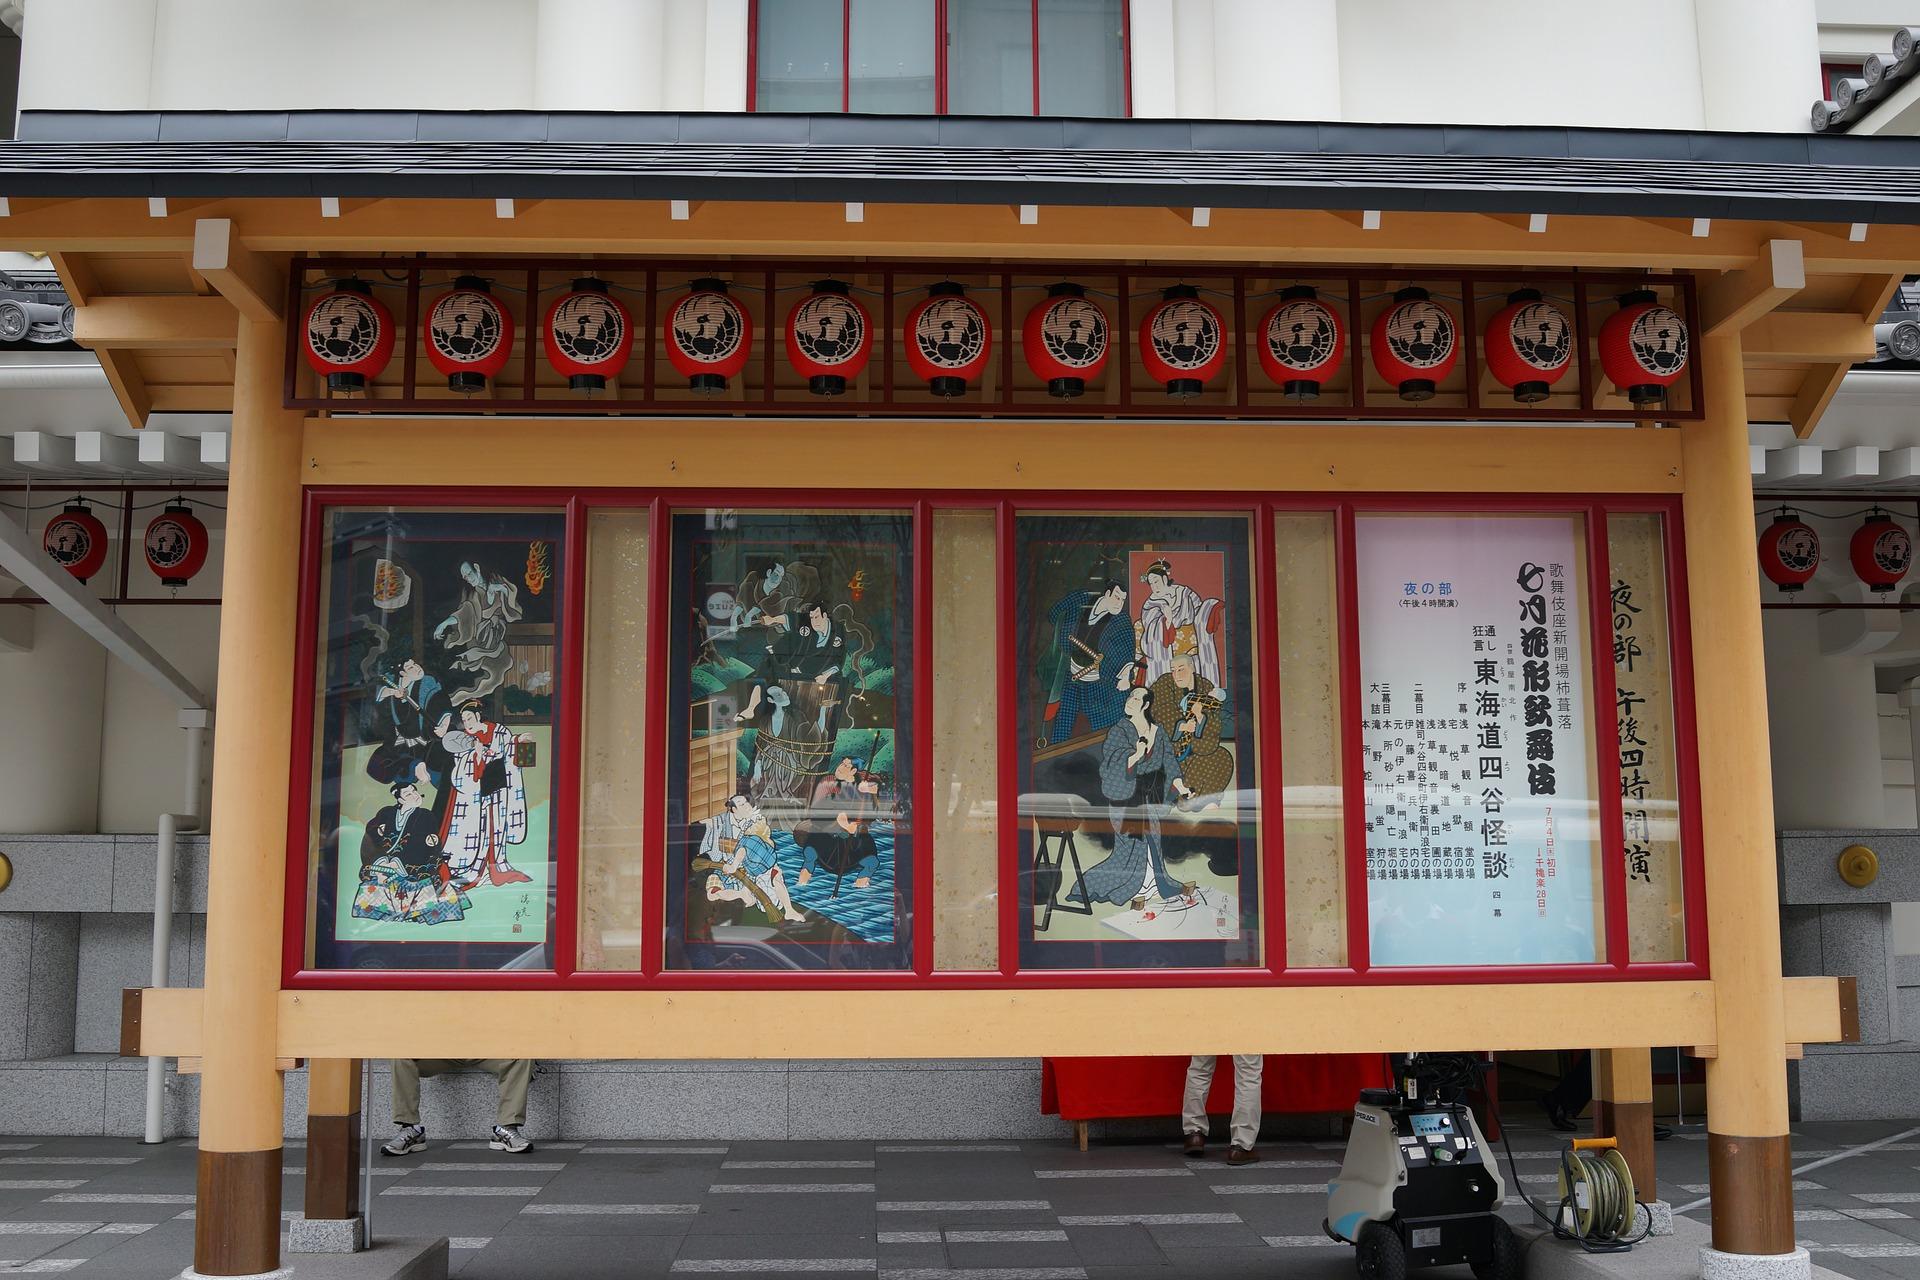 成人男性のみで歌舞伎を演じるようになったのはAKB48劇場で「お泊まり券」が発売禁止になったから⁈